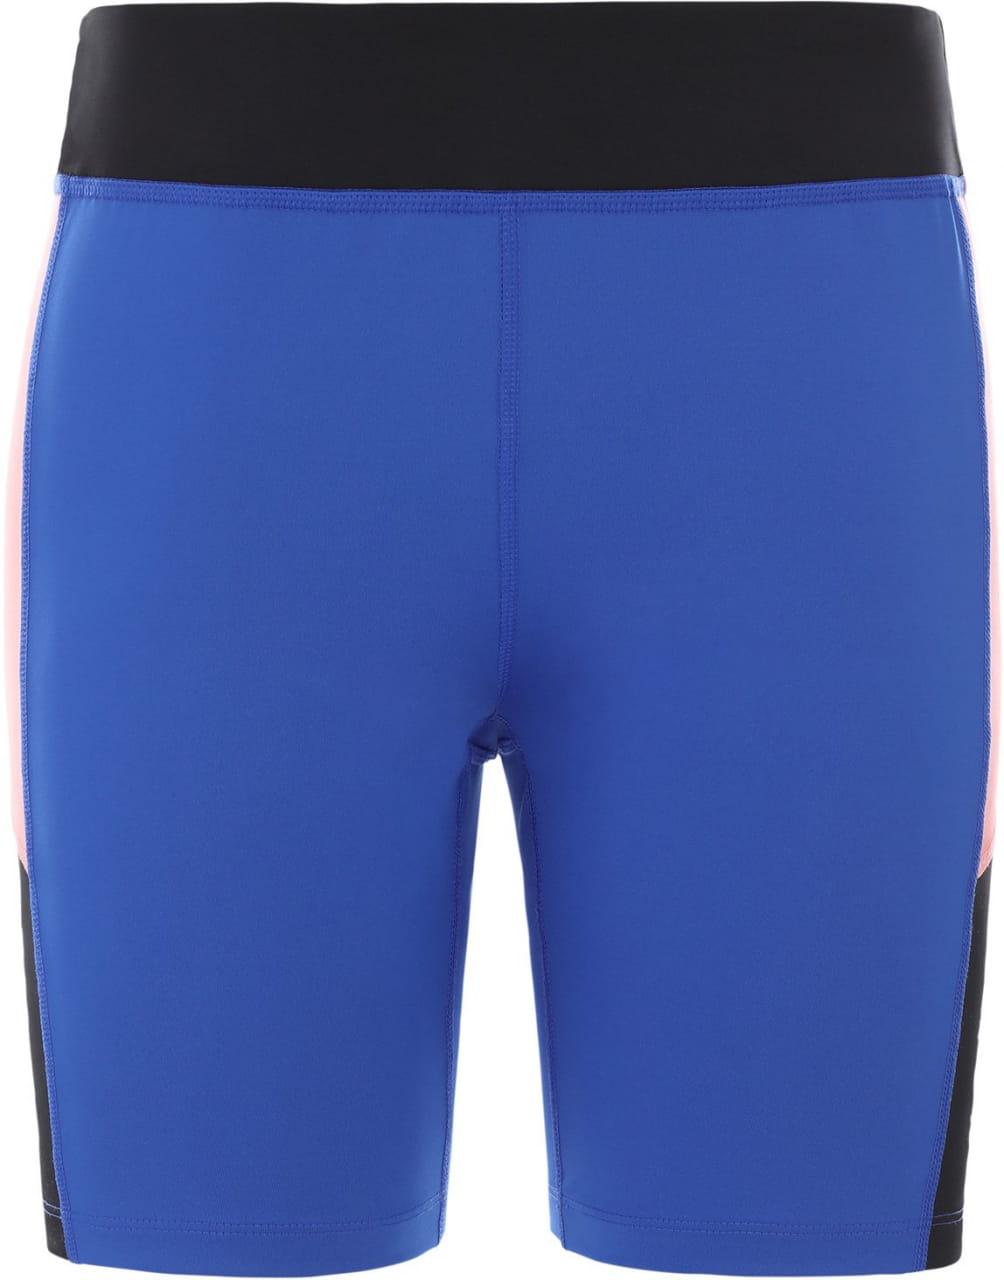 Dámské kraťasy The North Face Women's '92 Extreme Knit Shorts